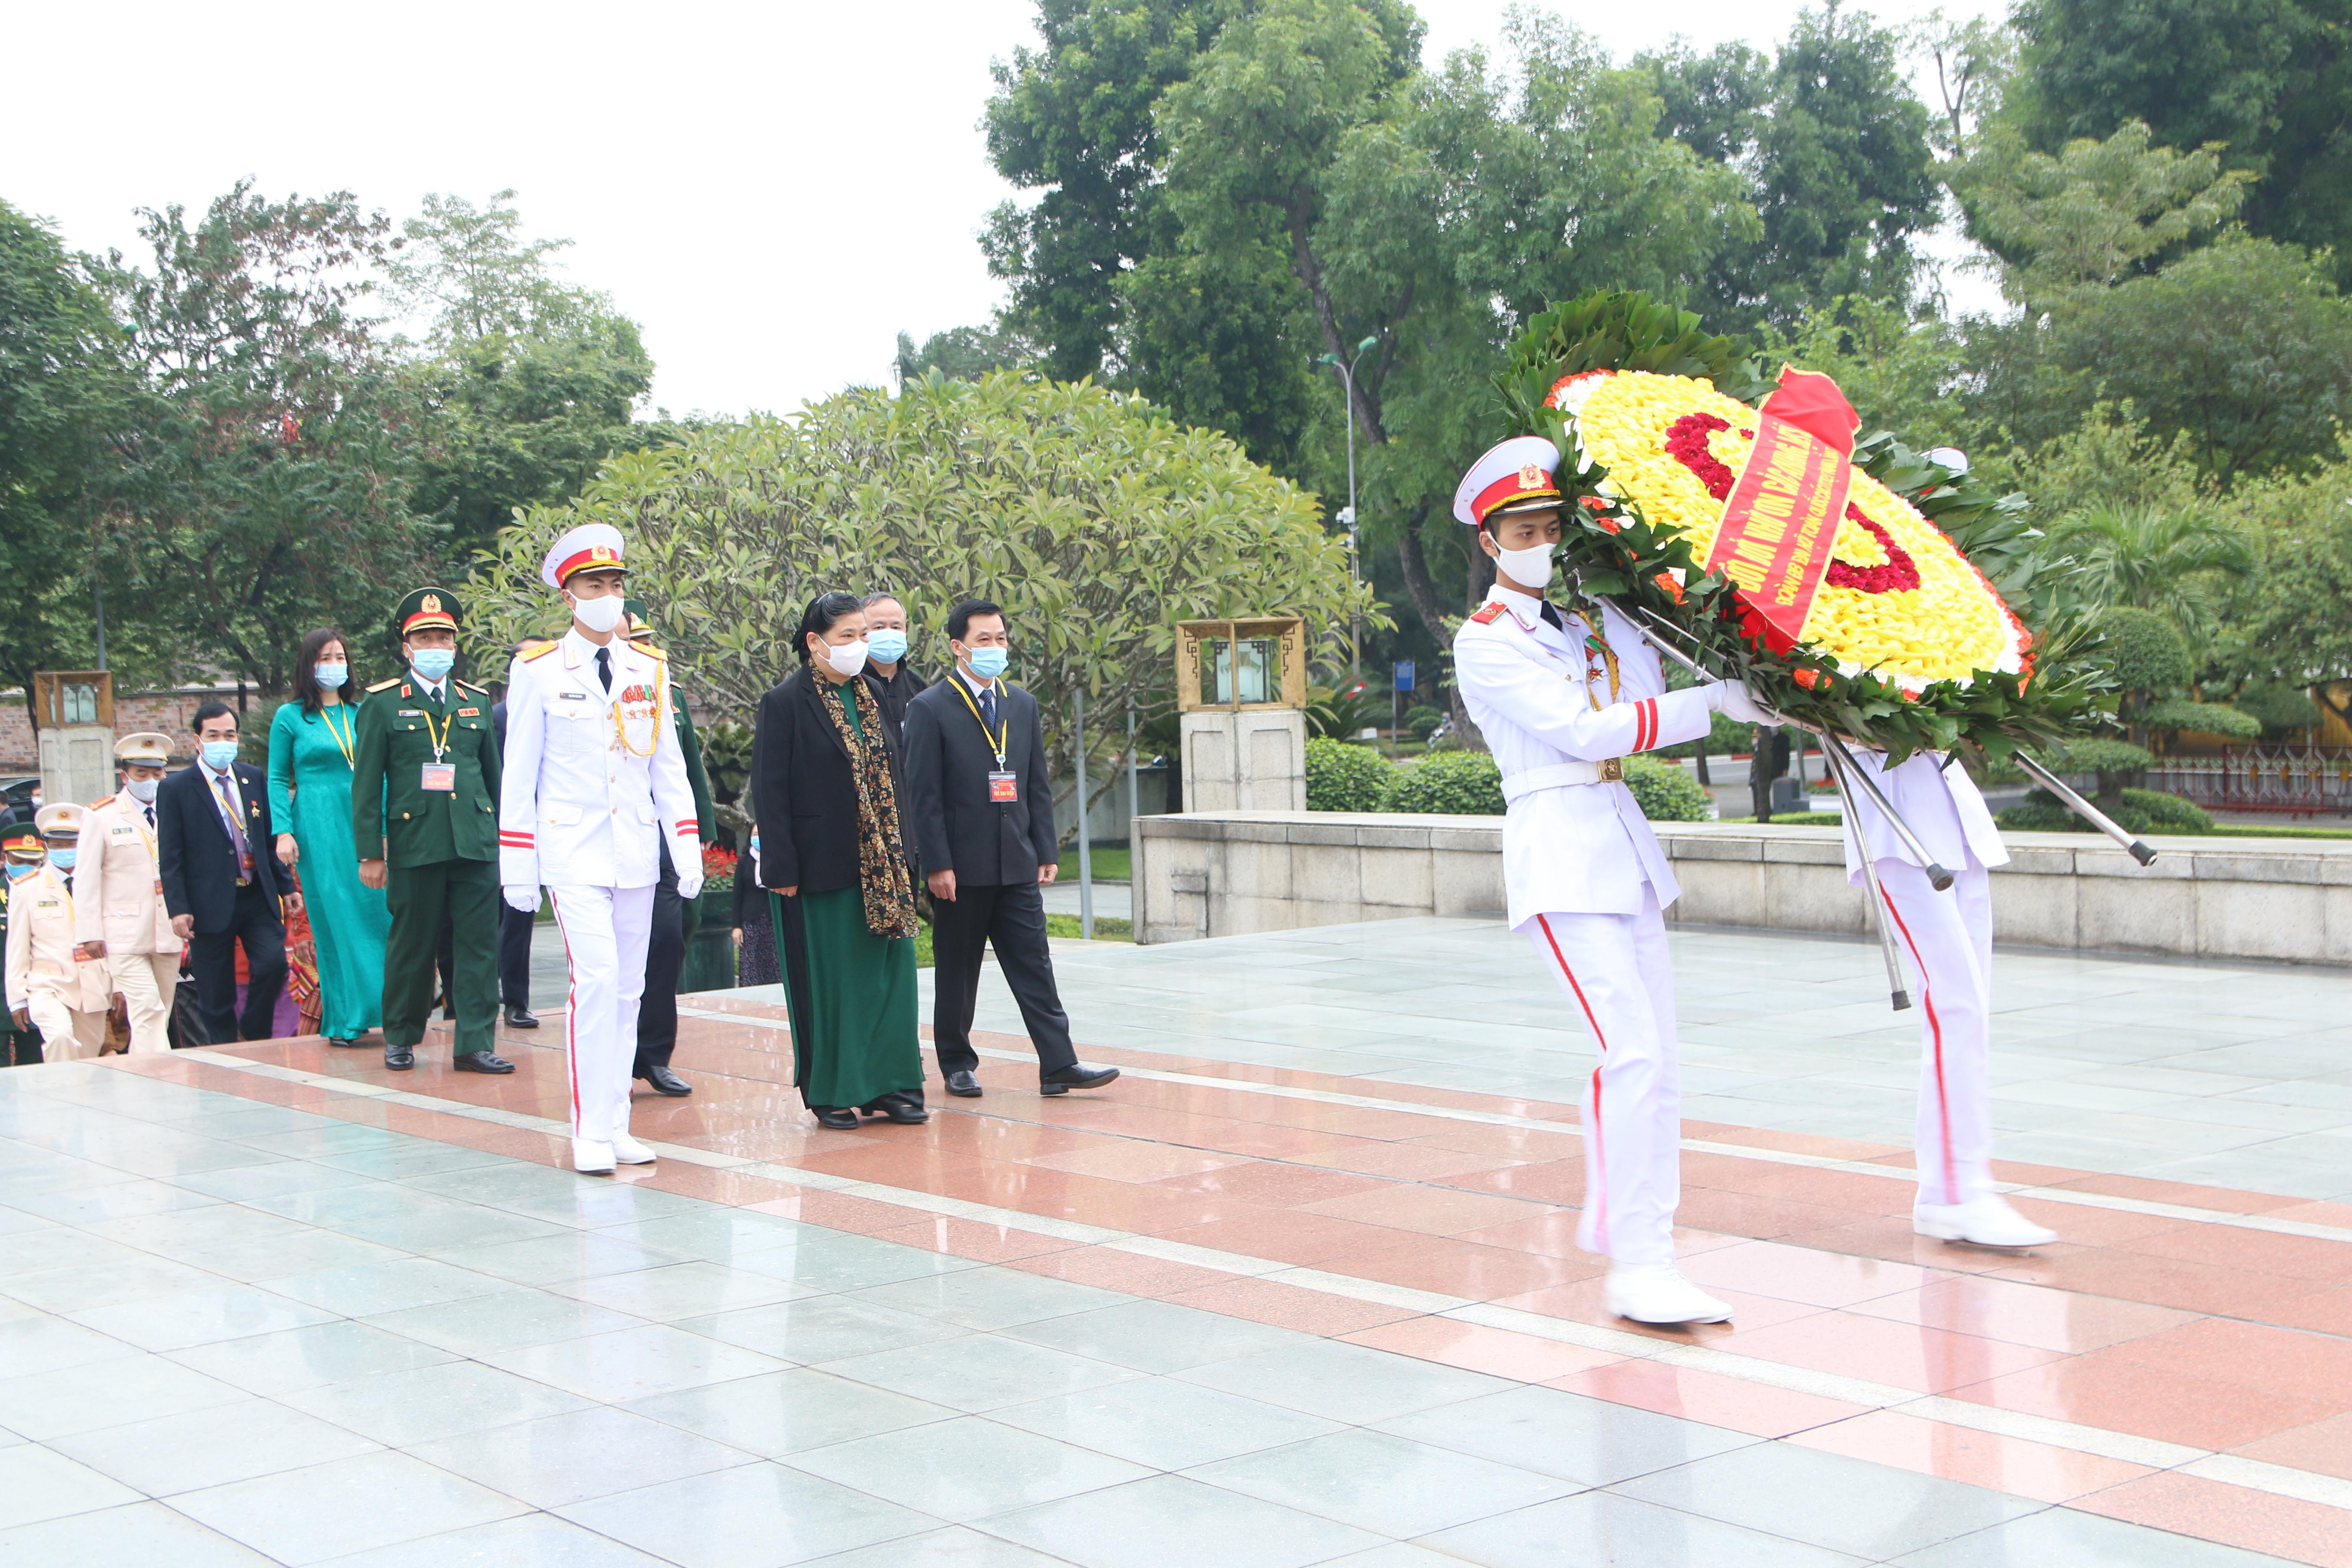 Đồng chí Tòng Thị Phóng, Ủy viên Bộ Chính trị, Phó Chủ tịch Thường trực Quốc hội cùng Đoàn 100 đại biểu dâng hương tưởng niệm các Anh hùng liệt sĩ